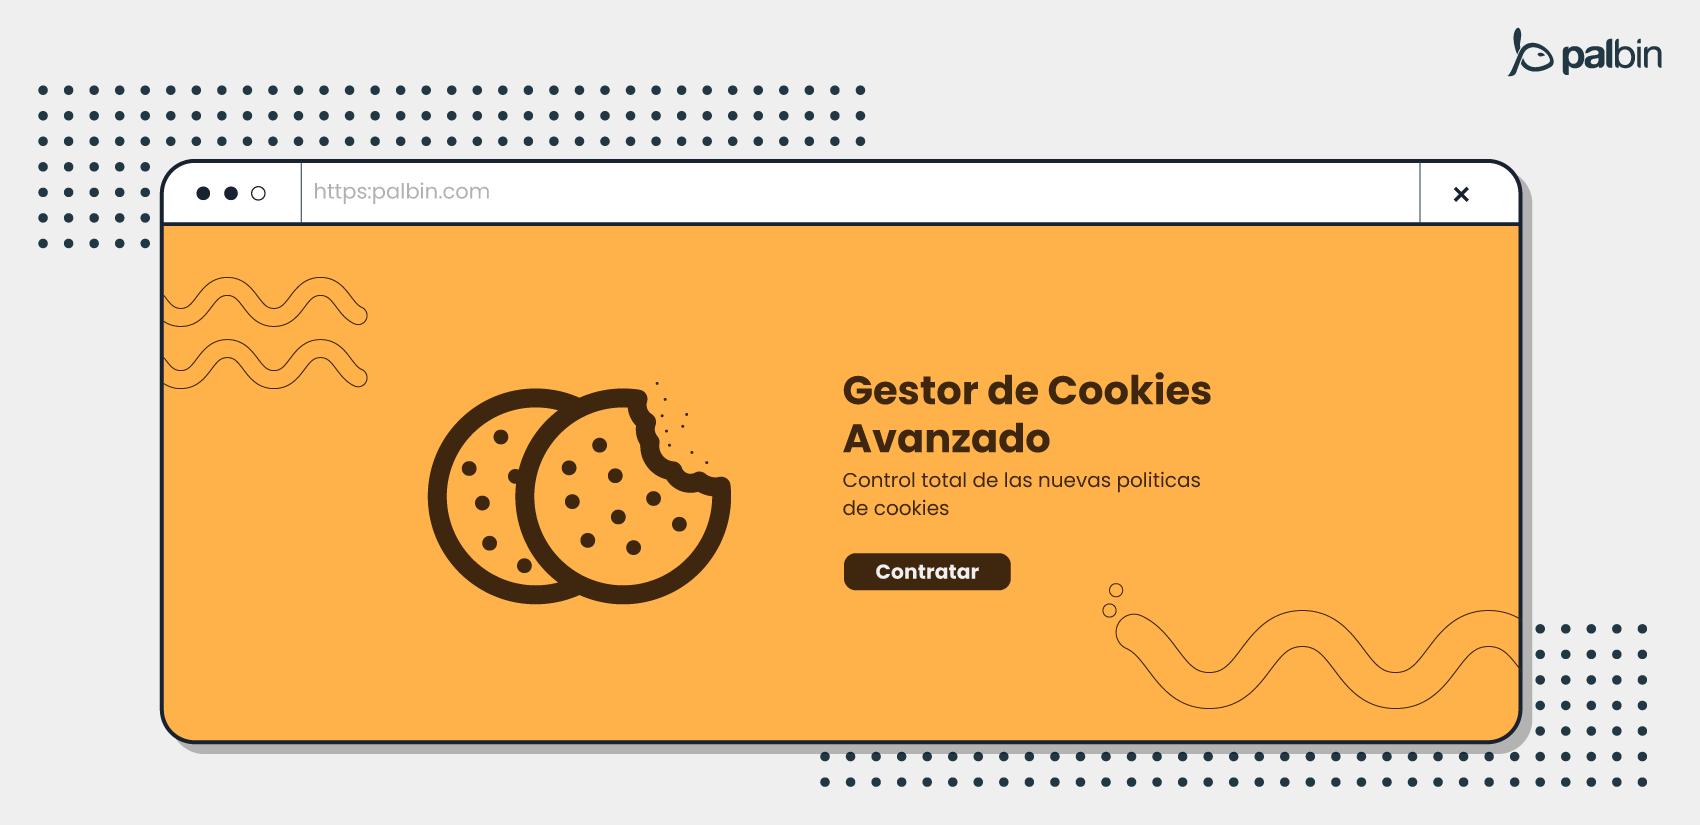 consentimiento de cookies